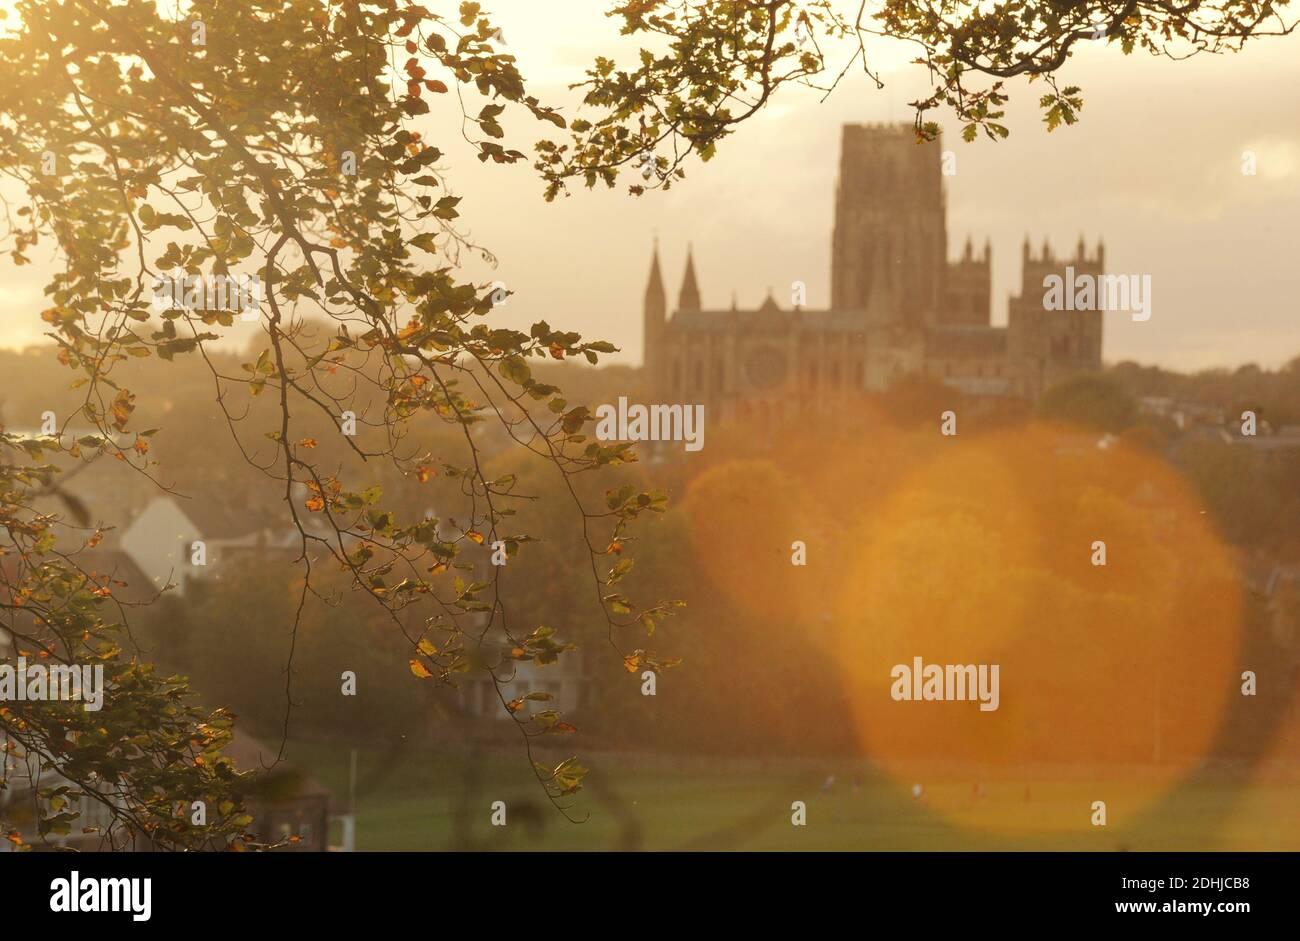 Color otoñal en el bosque de Pelaw a orillas del río Wear en la ciudad de Durham. Fotos muestra la Catedral de Durham Foto tomada el 16 de octubre de 2020 Foto de stock